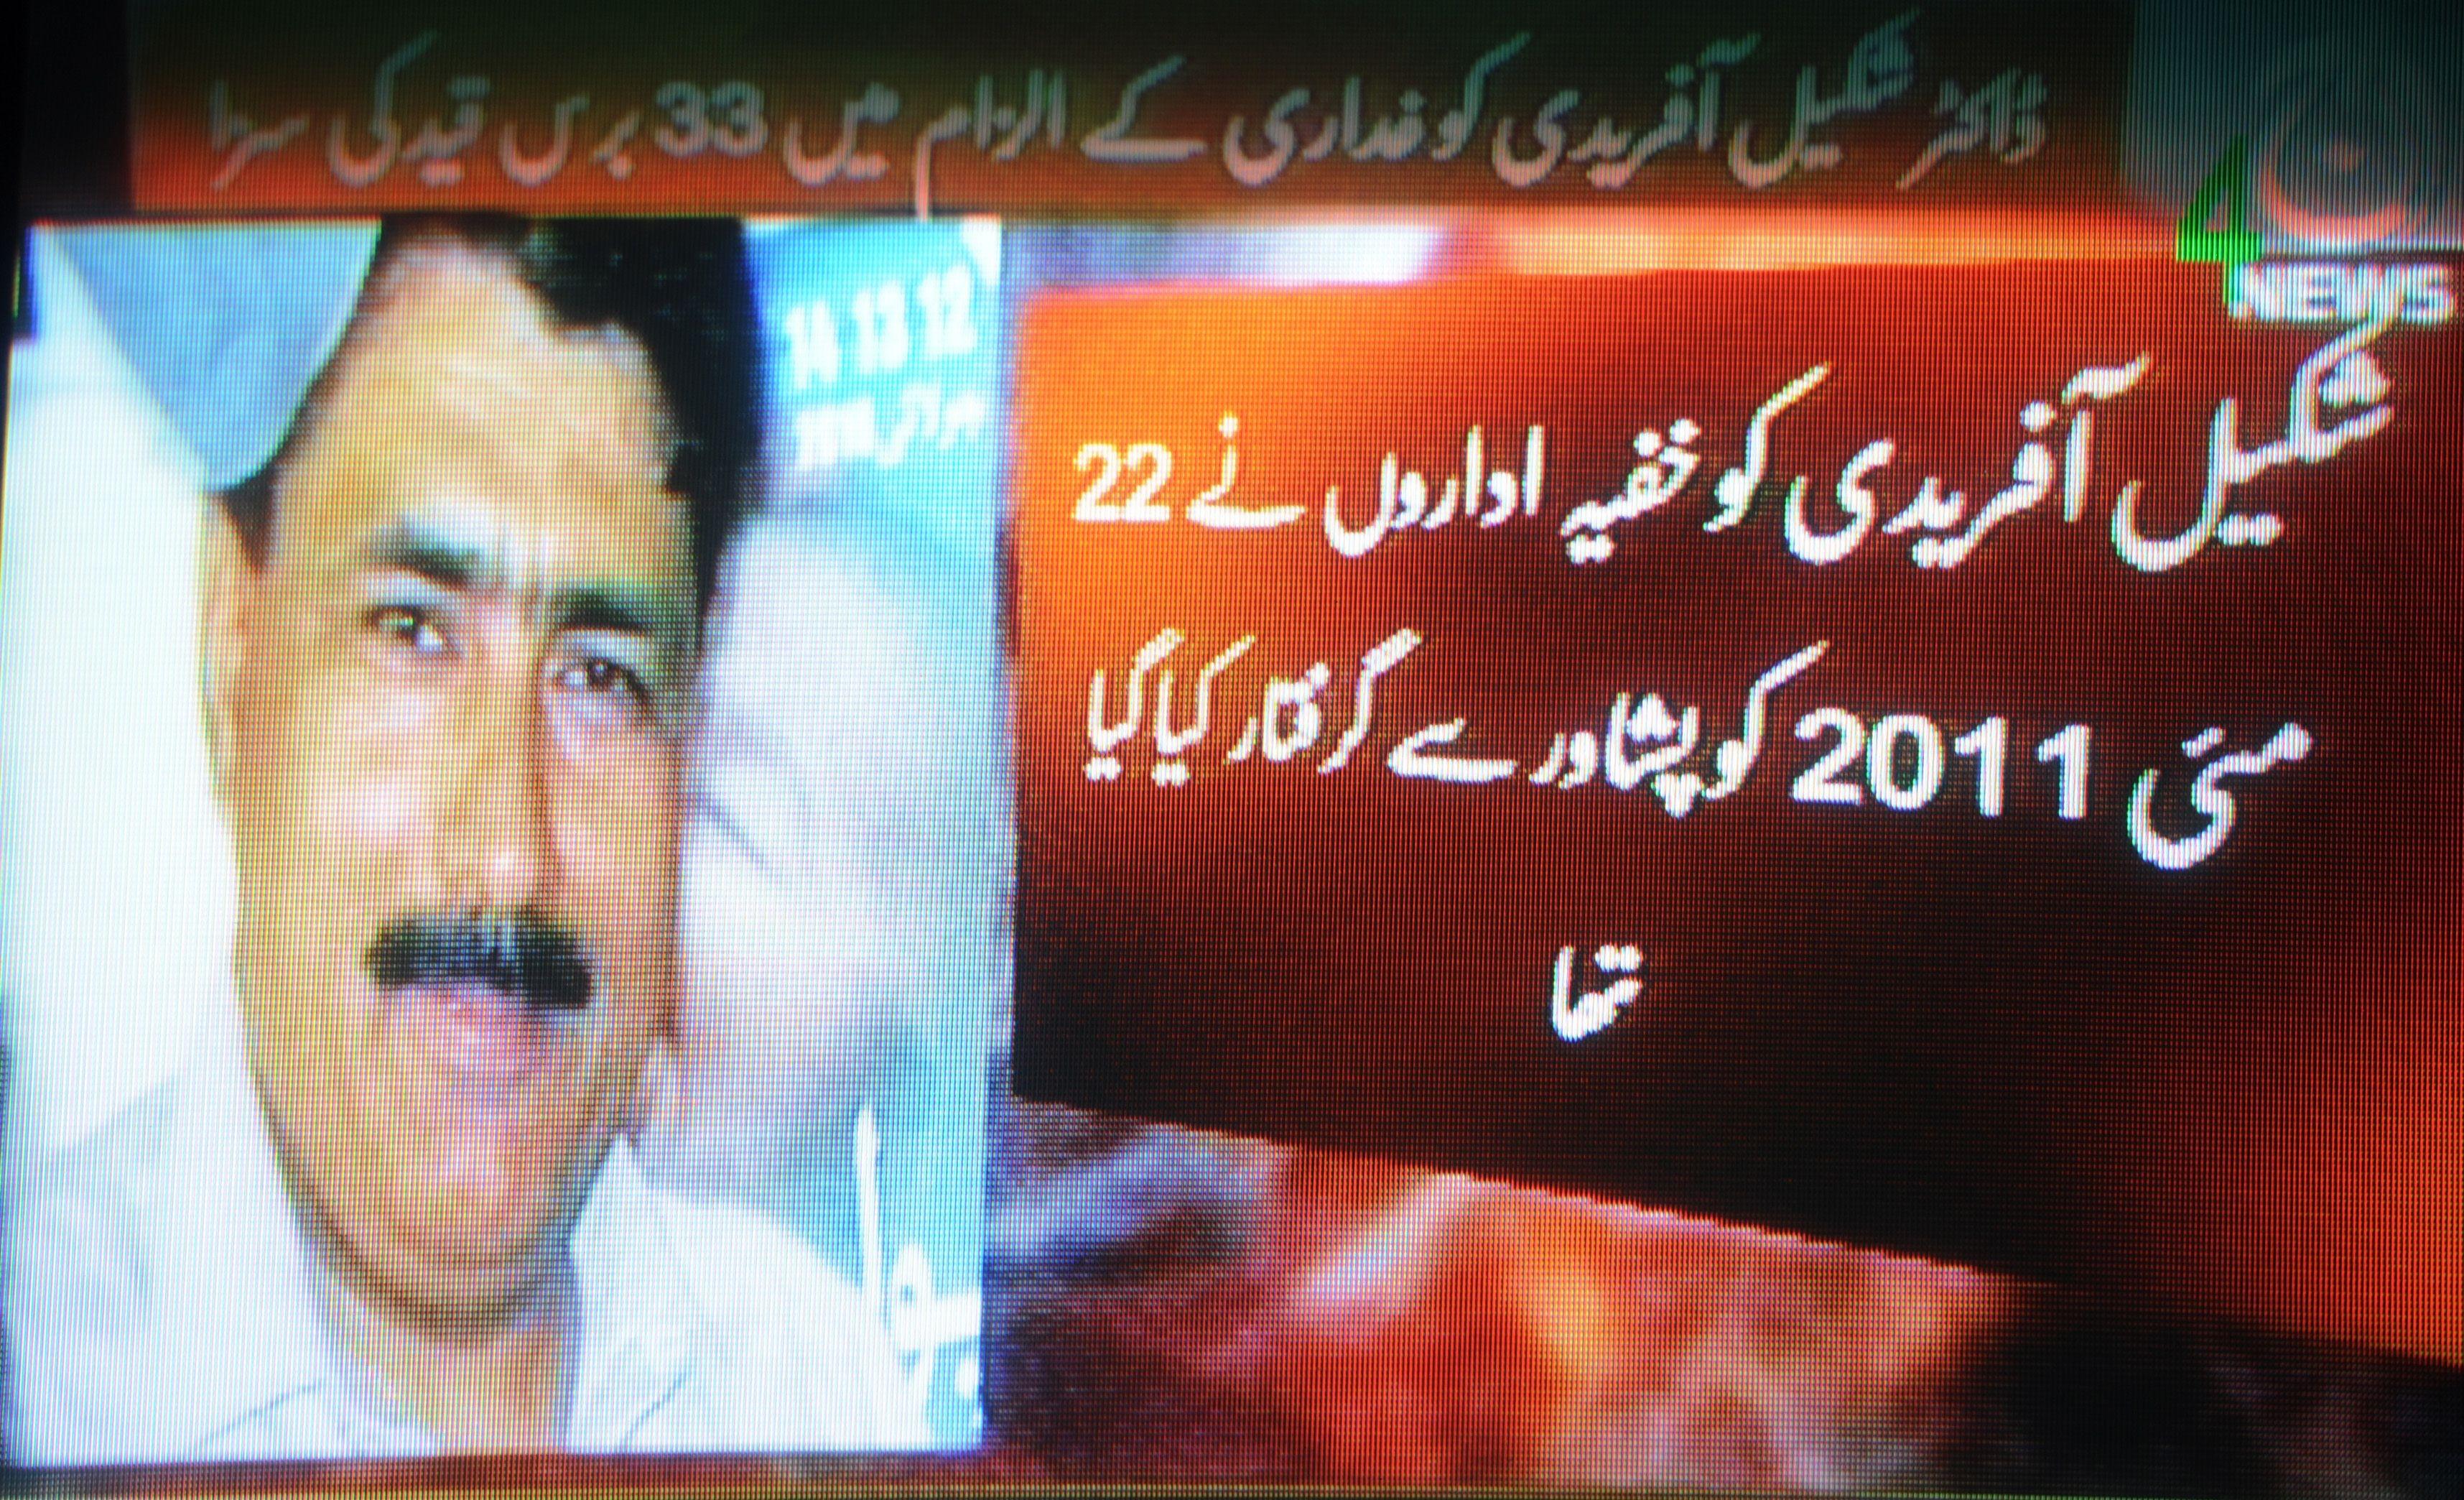 Medicul pakistanez care a ajutat CIA sa il gaseasca pe Osama ben Laden a fost inculpat pentru crima